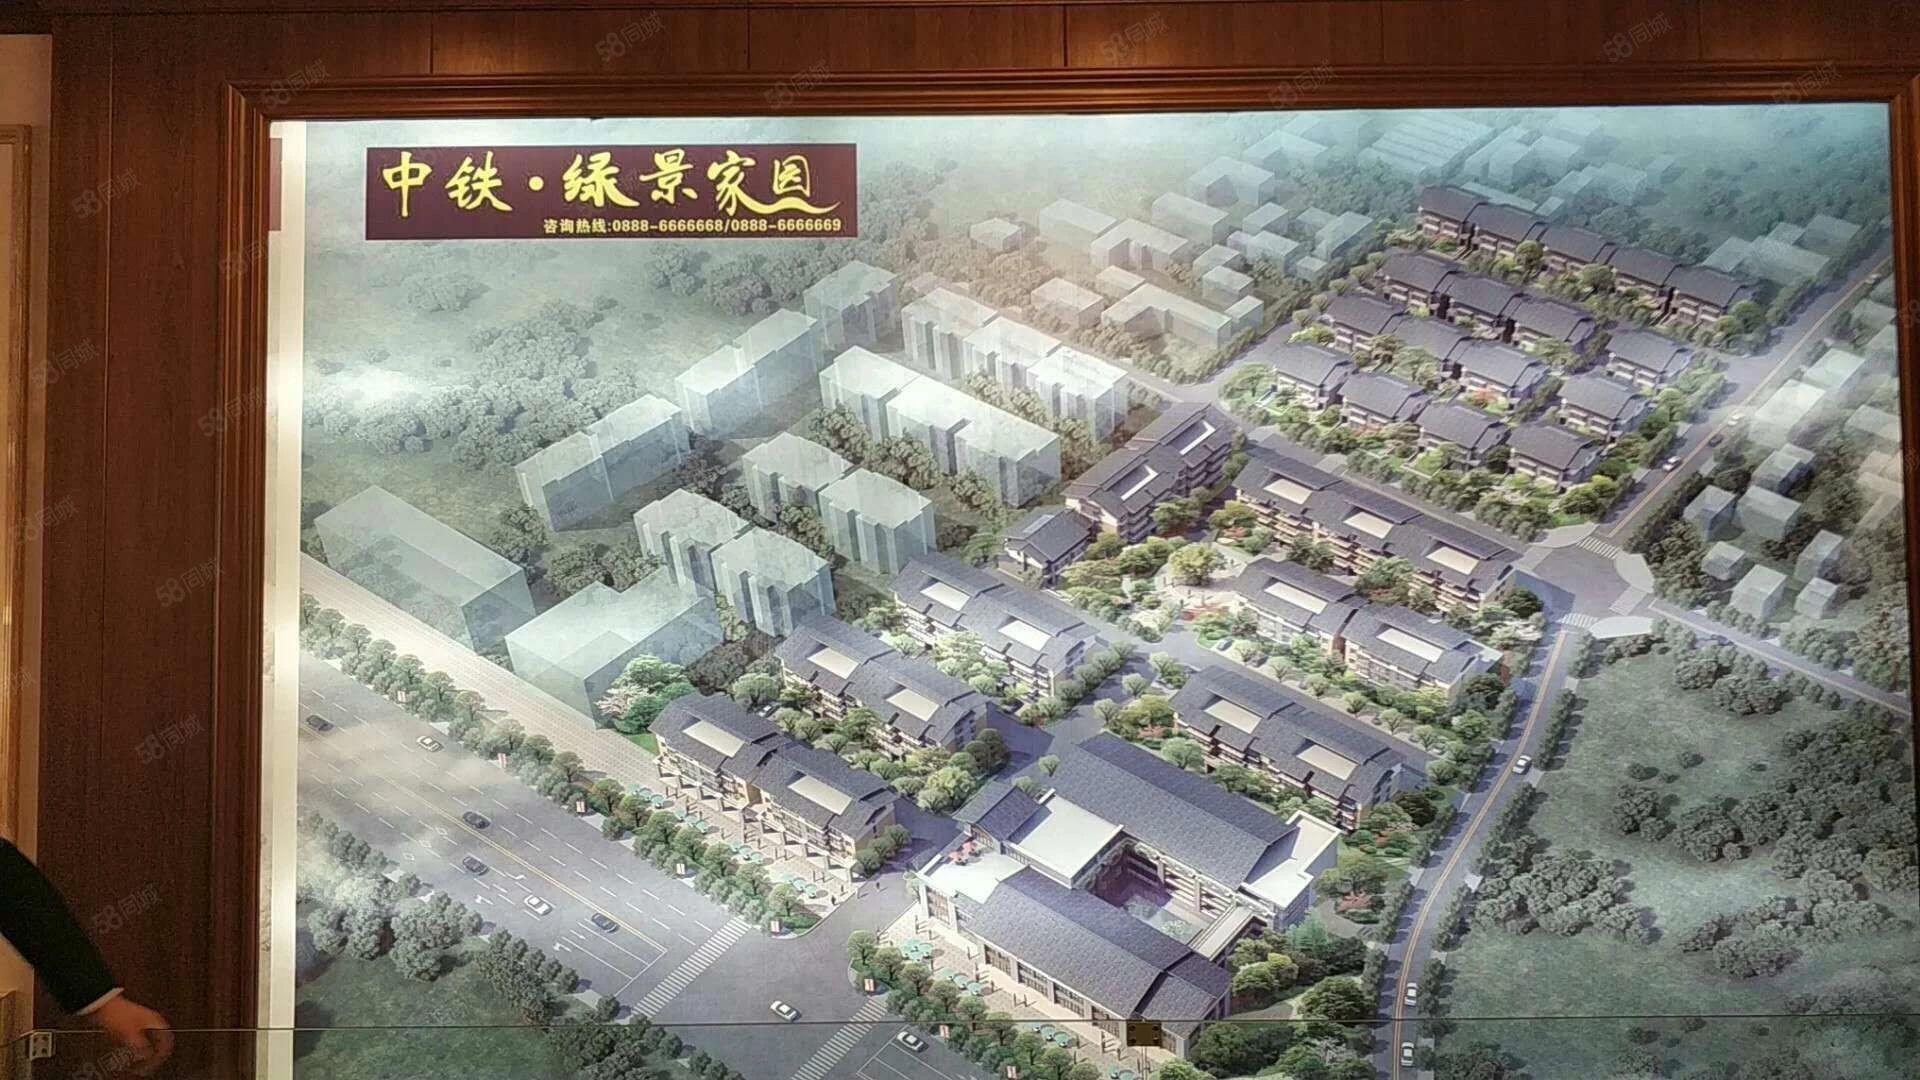 丽江世界的后花园一个令人向往的地方绿景家园投资度假俩不误